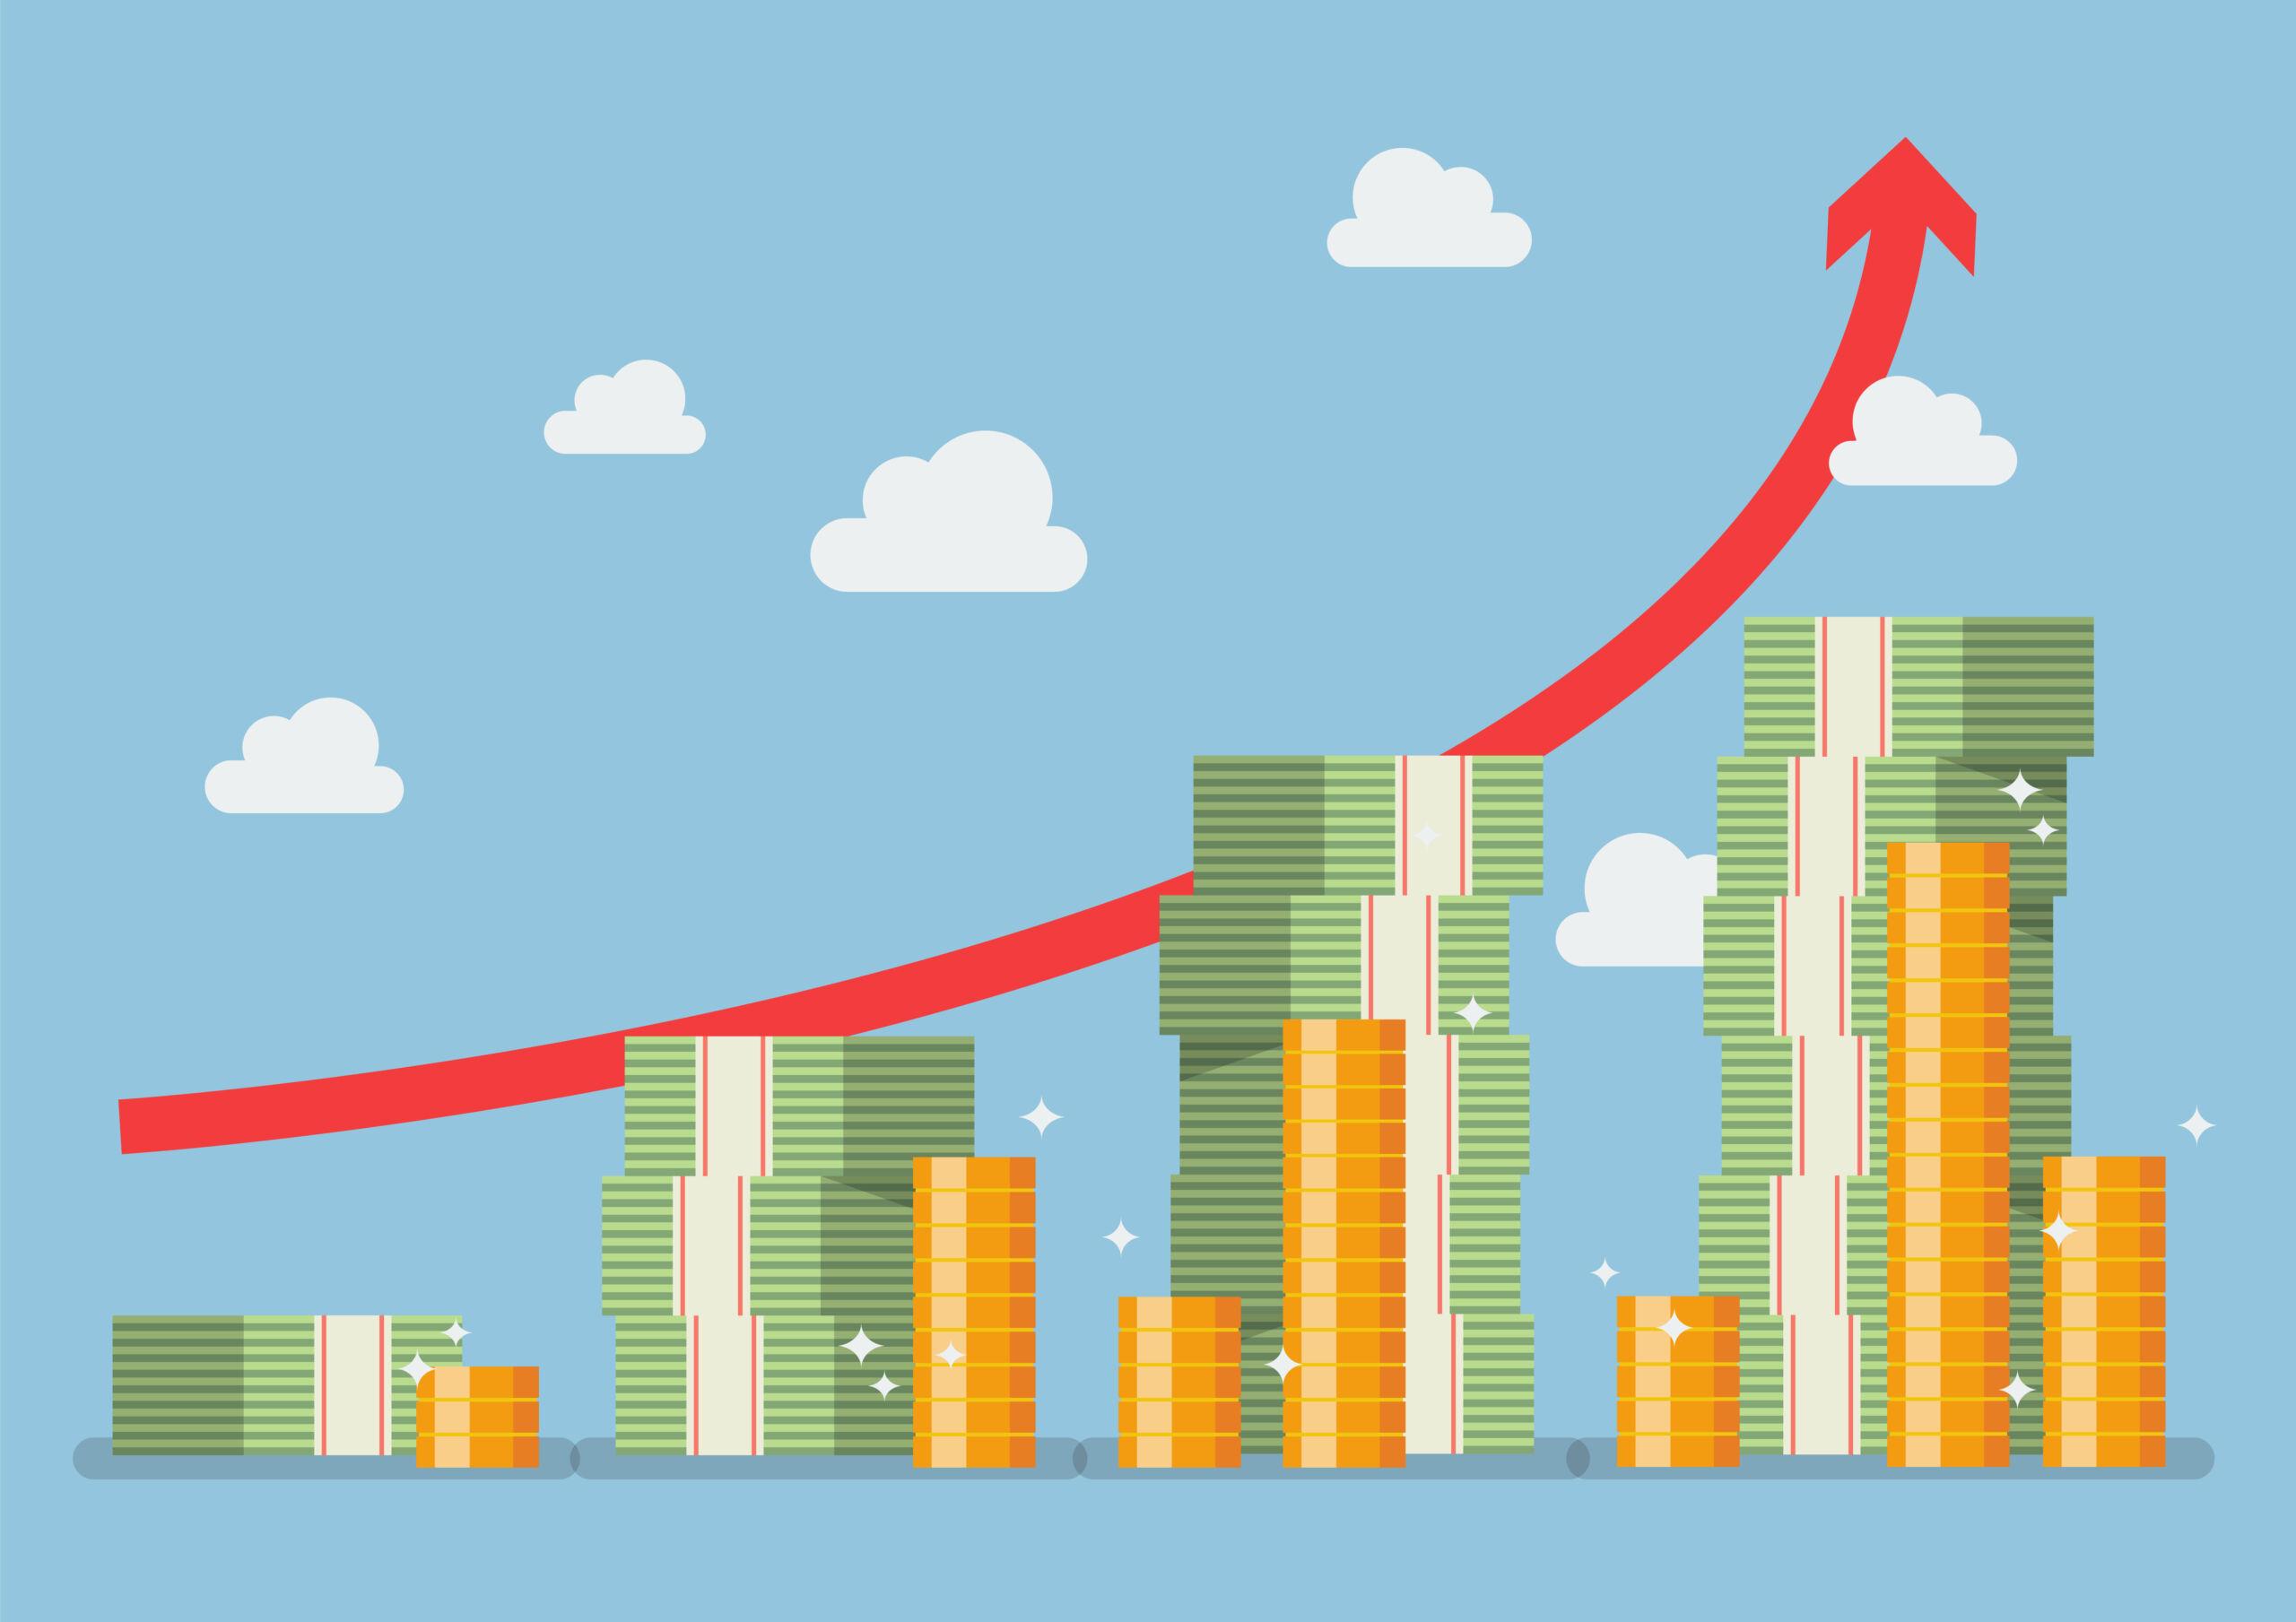 Money Stacks and Upward Trend Chart